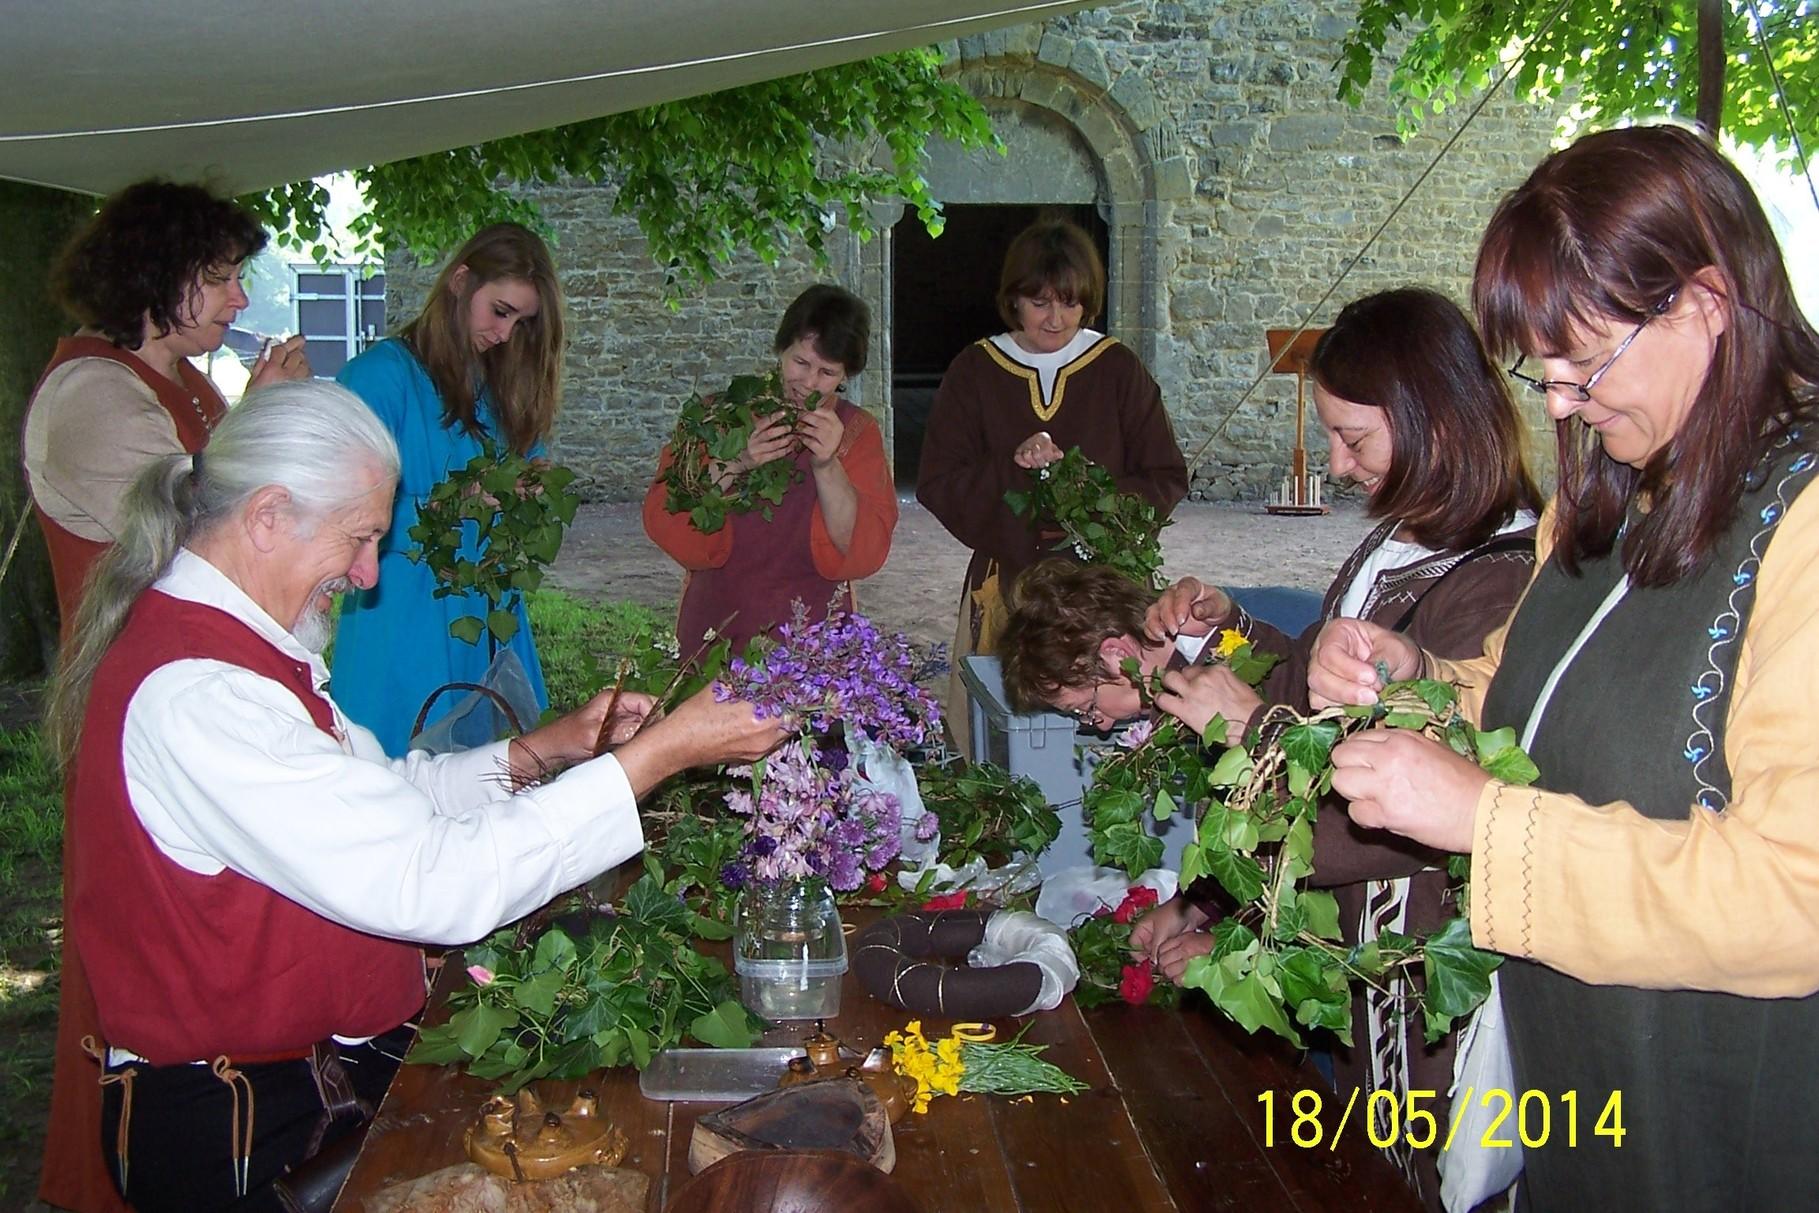 Garniture des couronnes fleuries, tout un rituel créateur d'ambiance